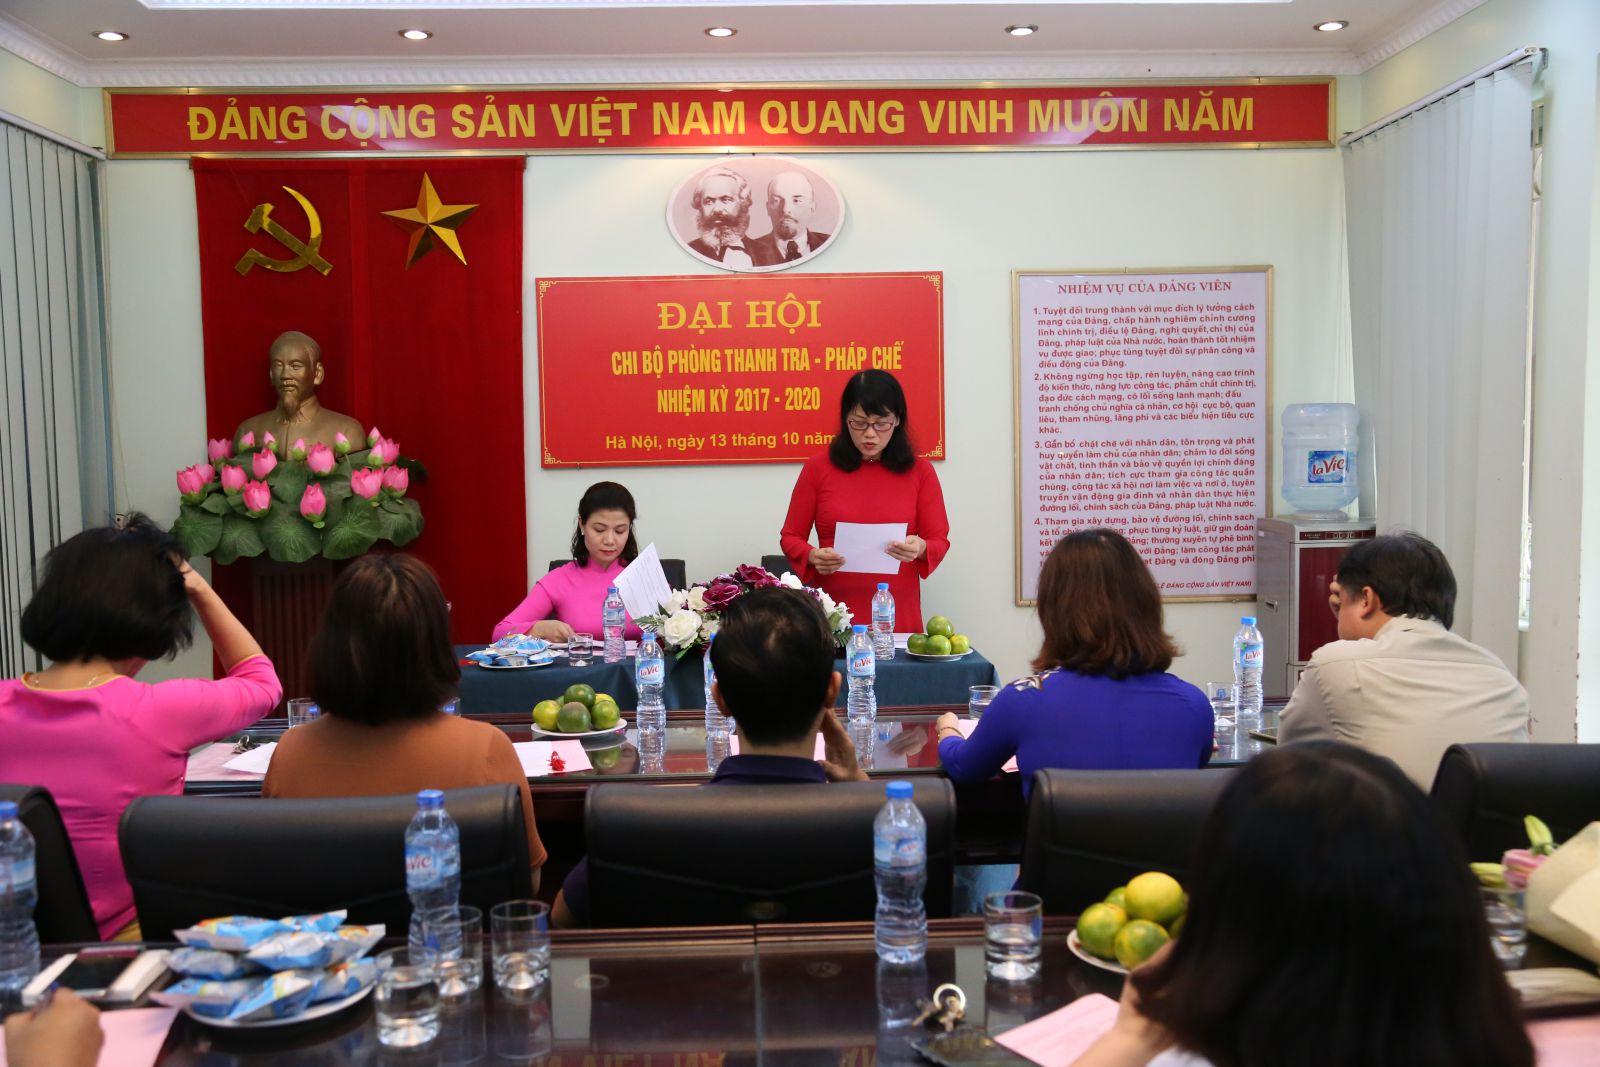 Đồng chí Khổng Thị Uyên – Bí thư Chi bộ nhiệm kỳ 2015 – 2017 trình bày diễn văn Khai mạc Đại hội